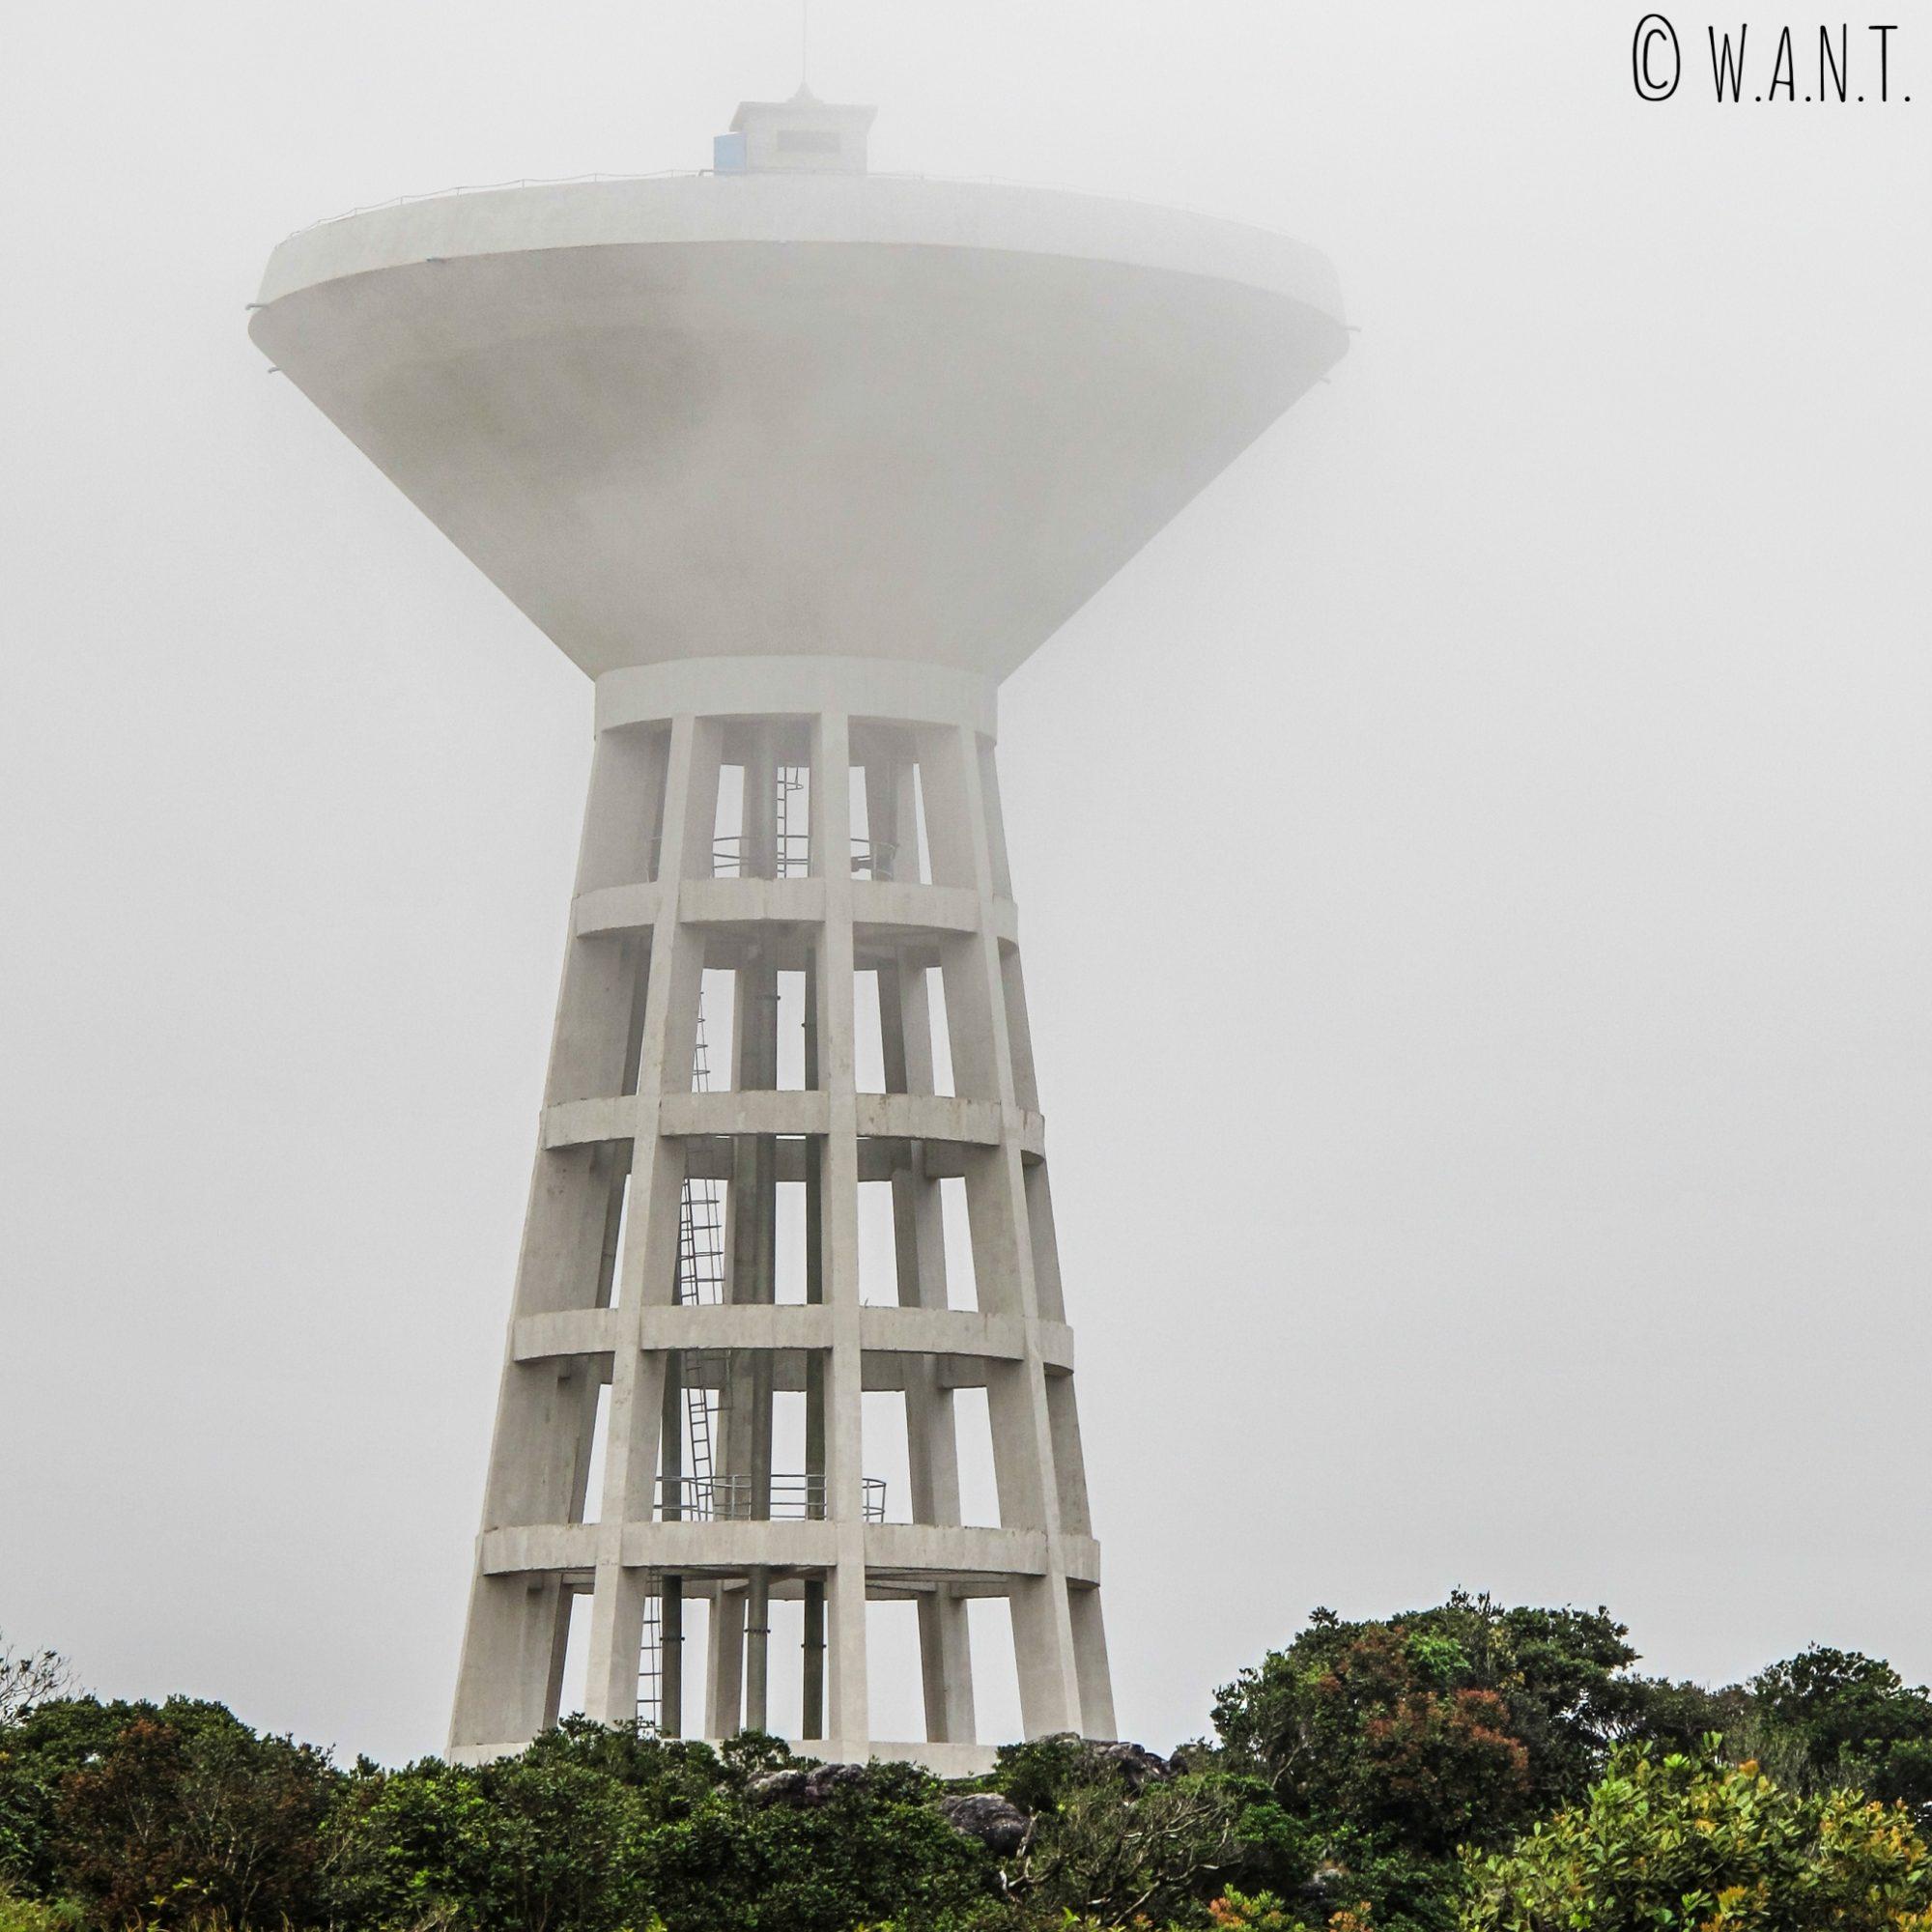 Le château d'eau de Bokor Hill Station a la tête dans les nuages, au Parc national de Bokor